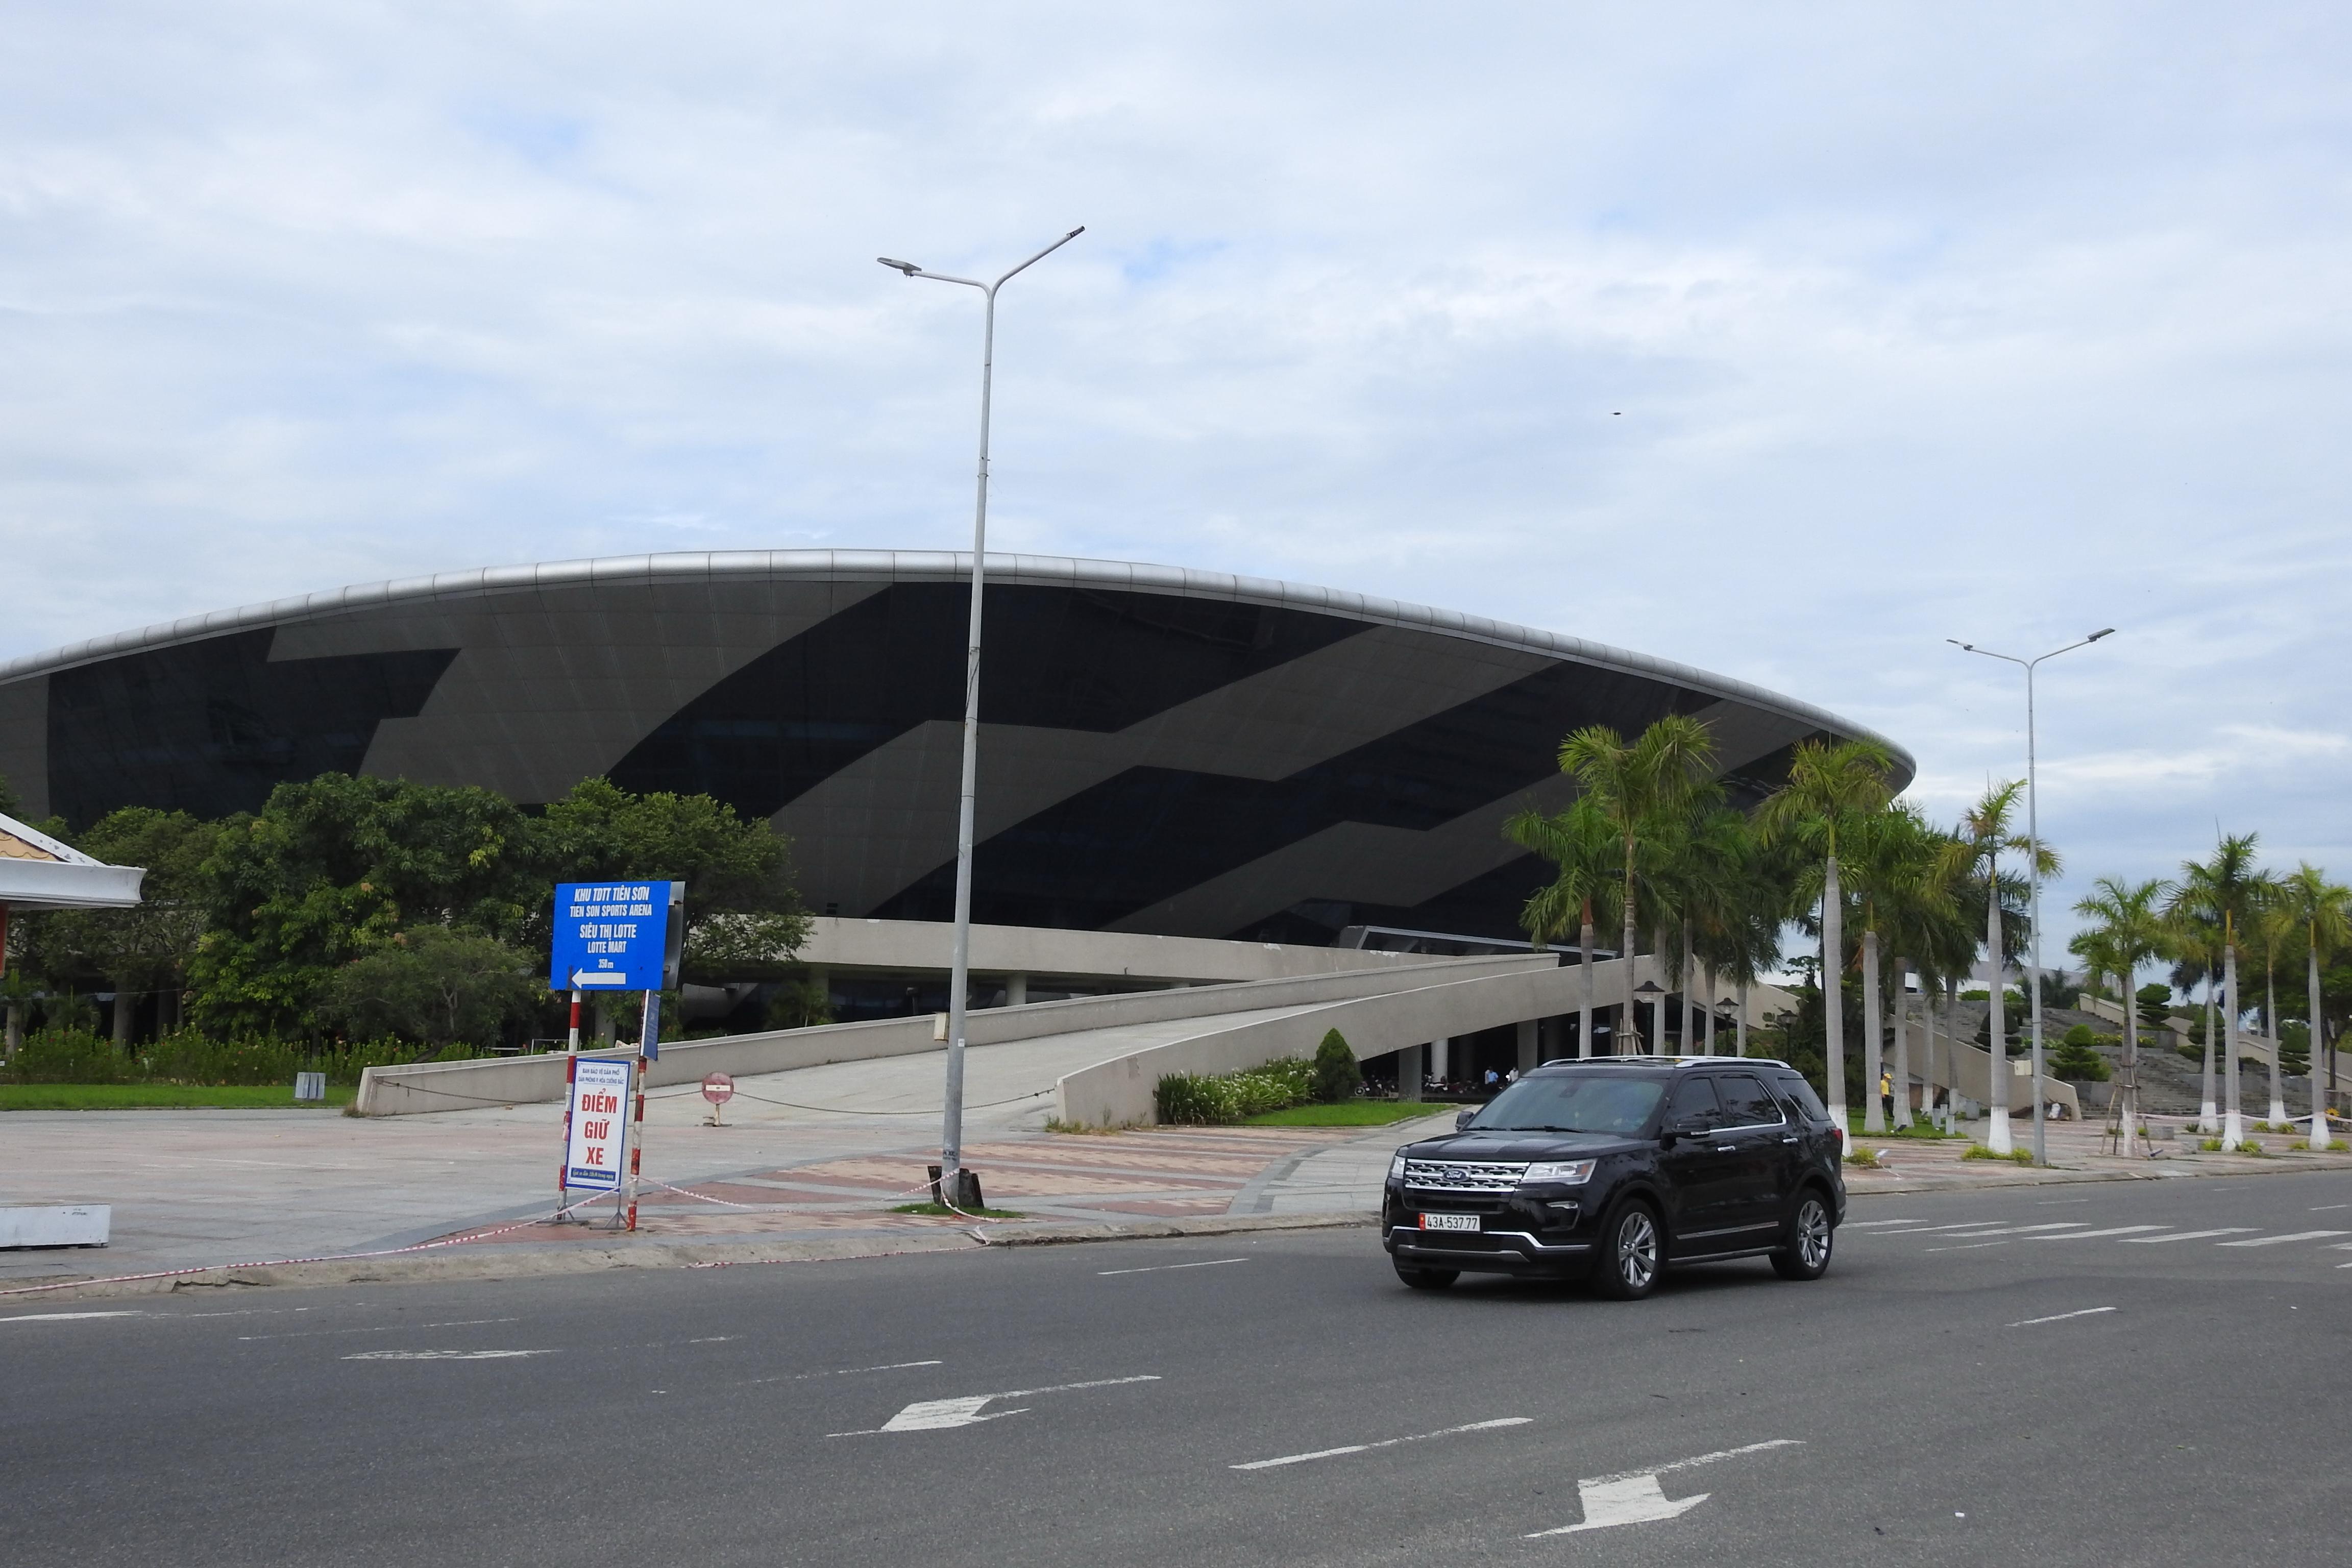 Toàn bộ mặt bằng, hạ tầng rộng 94.000 m2 của Cung thể thao Tiên Sơn đã được bàn giao cho đơn vị thi công, lắp đặt Bệnh viện dã chiến 2.000 giường kể từ ngày 31/7. Ảnh Bình Nguyên.